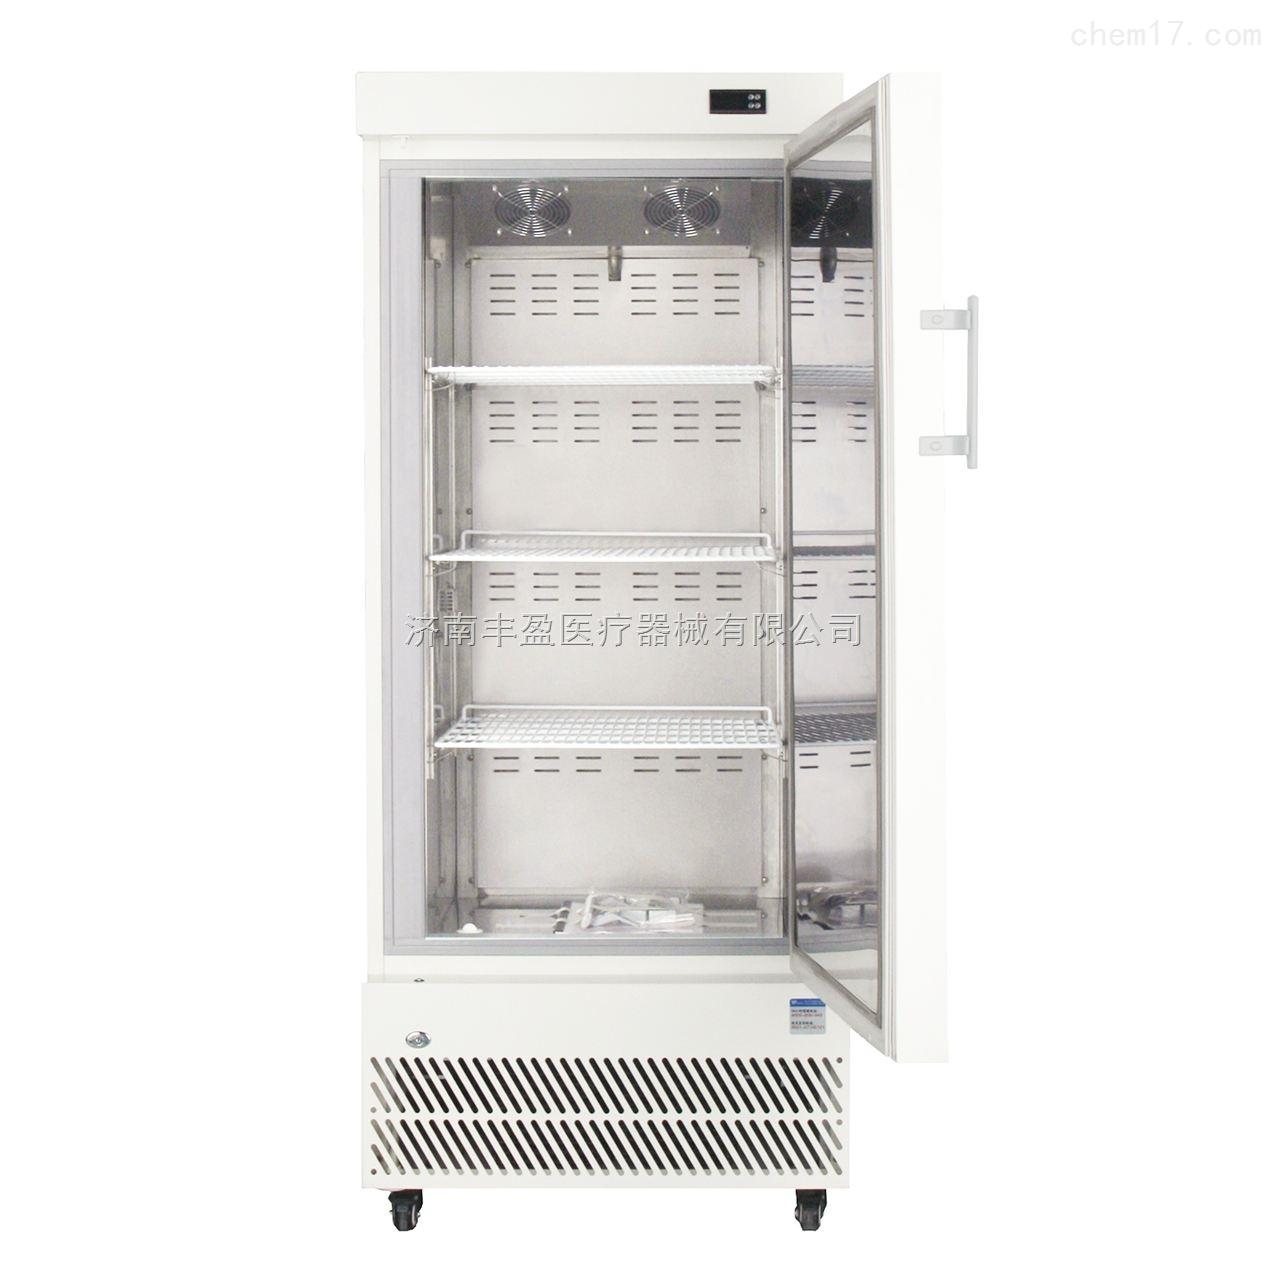 冰箱手绘产品图片